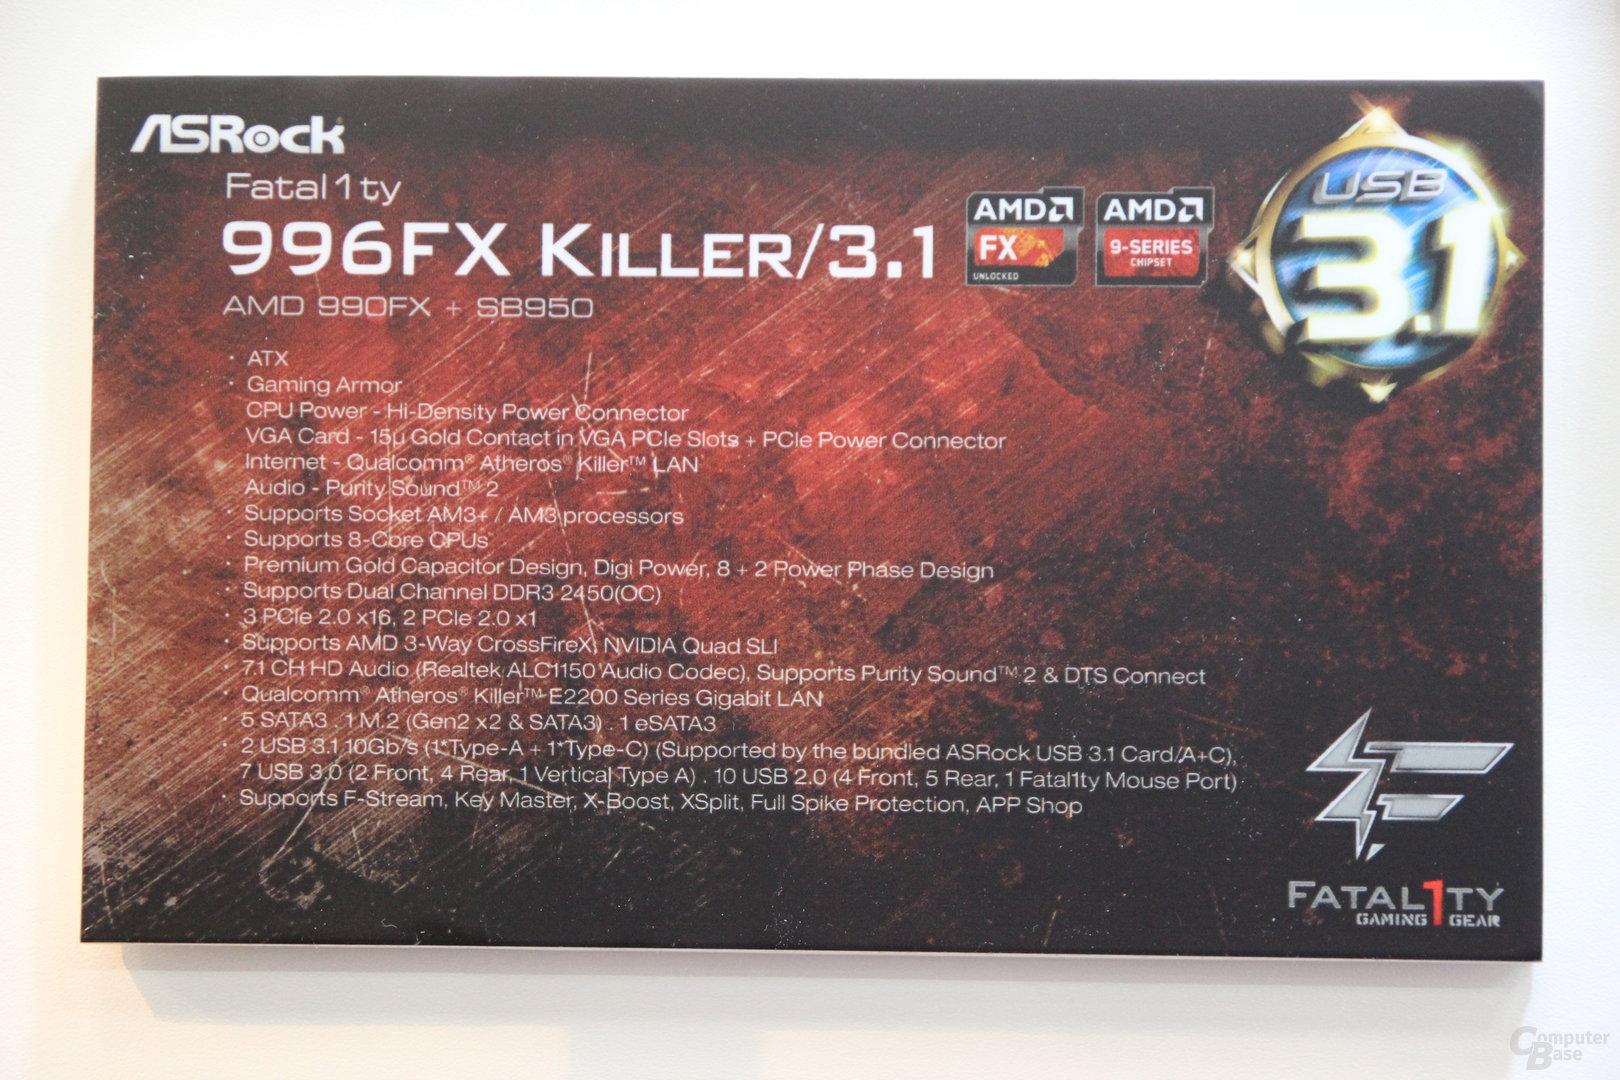 ASRock Fatal1ty 996FX Killer/3.1